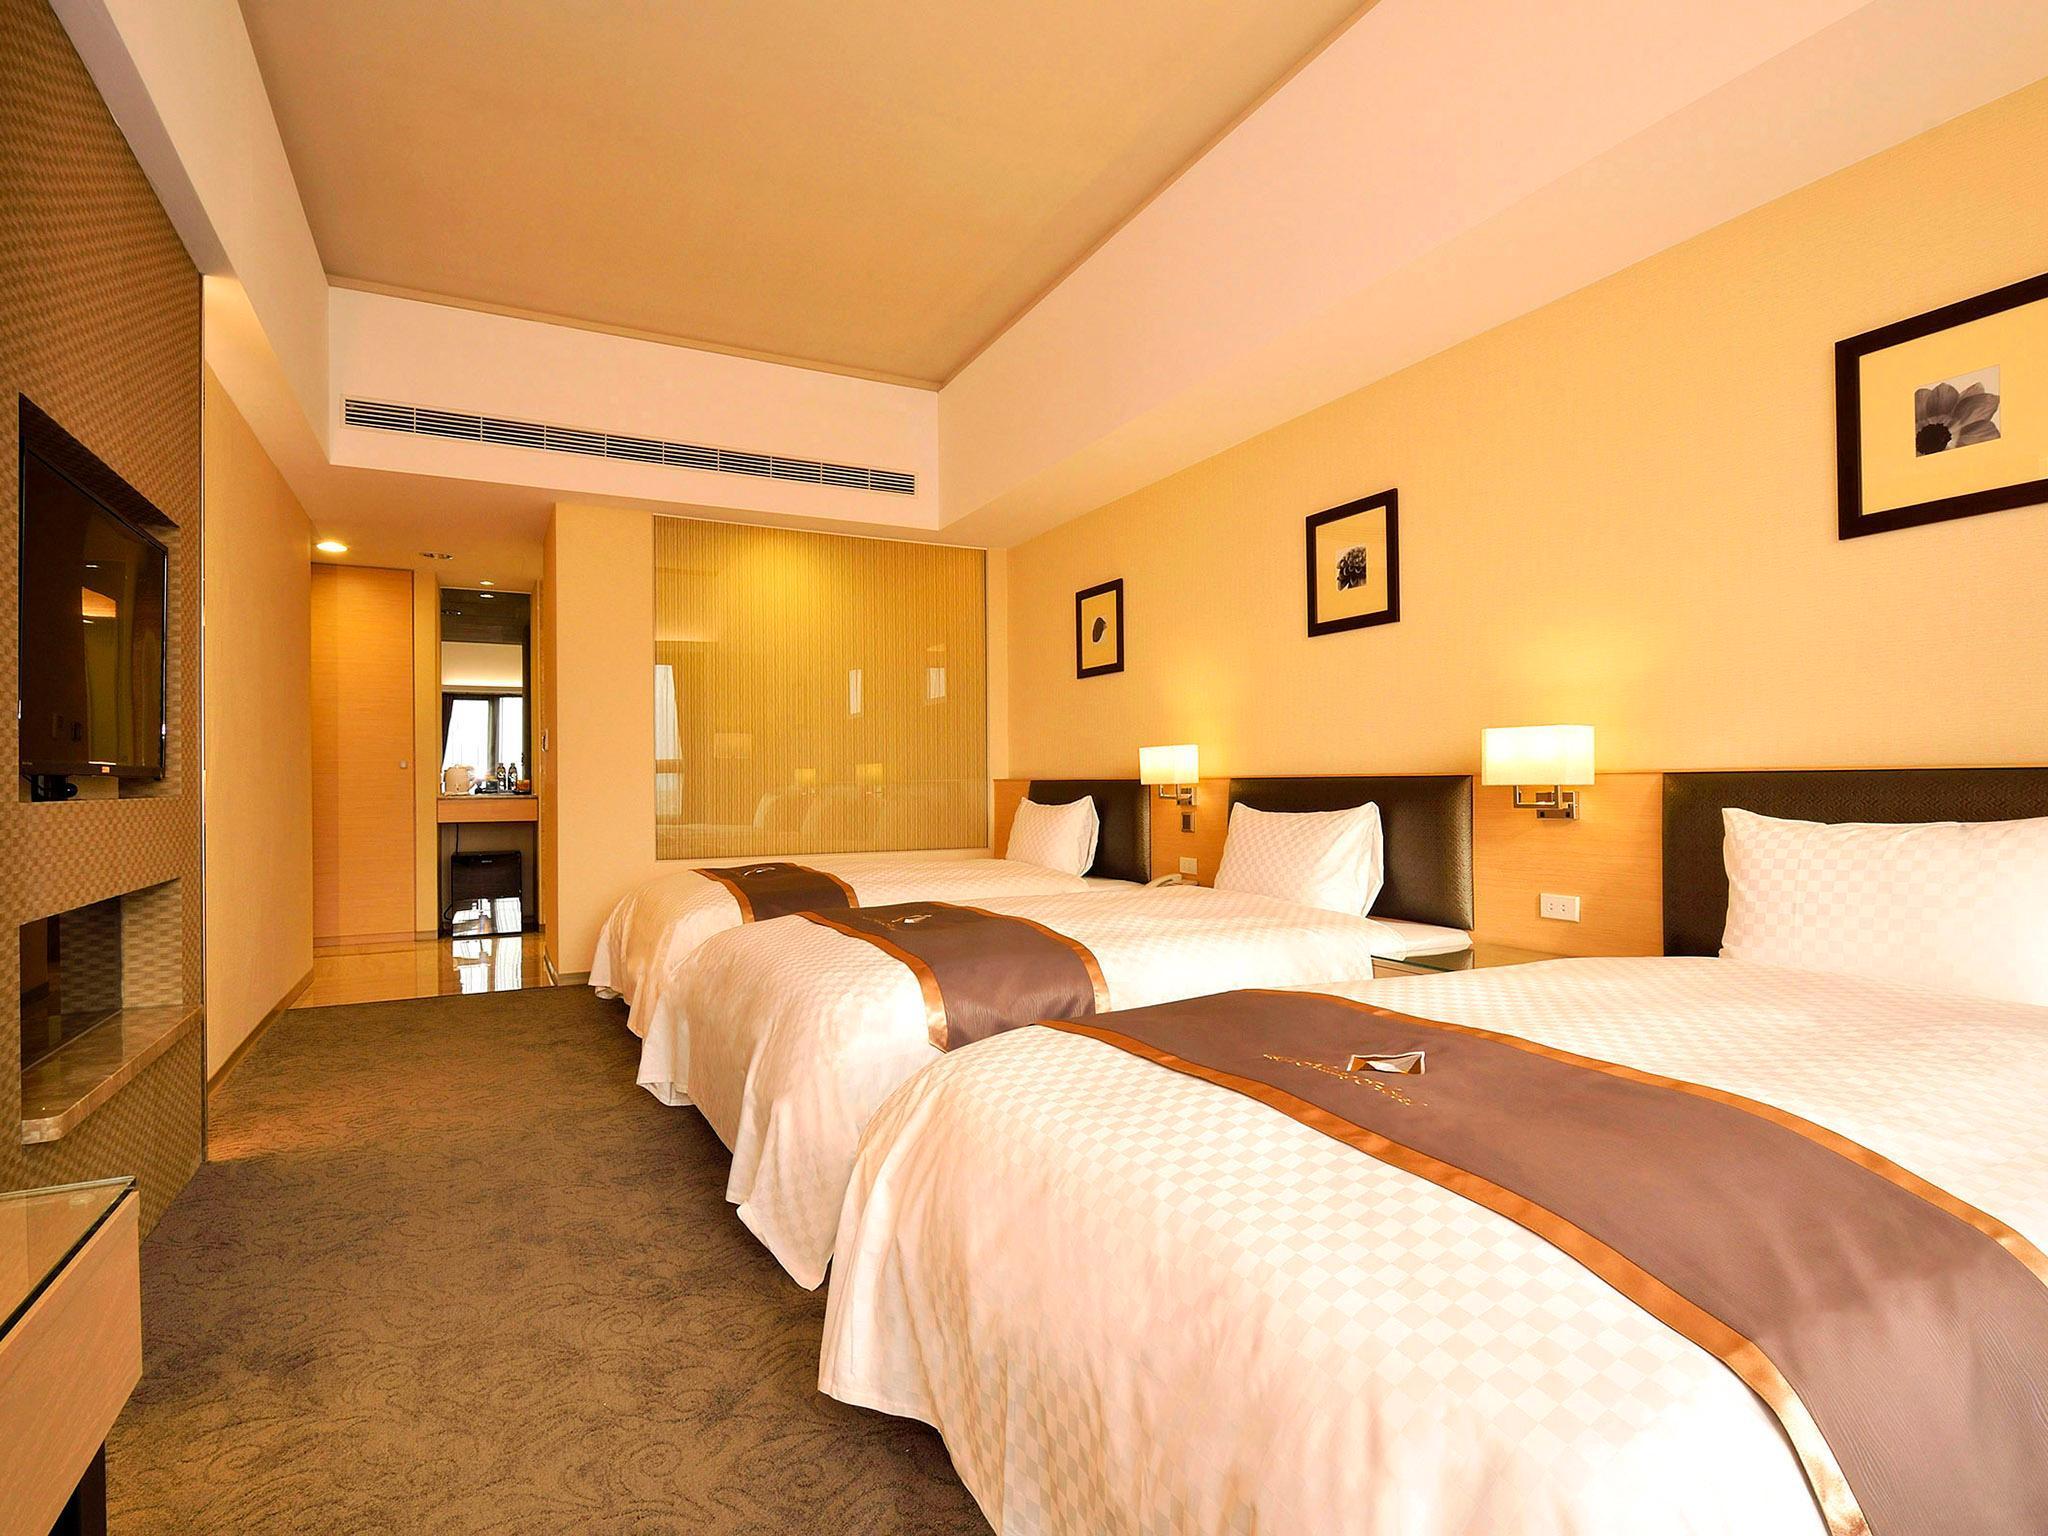 桂林尊皇大酒店 机场大巴到该酒店多远?